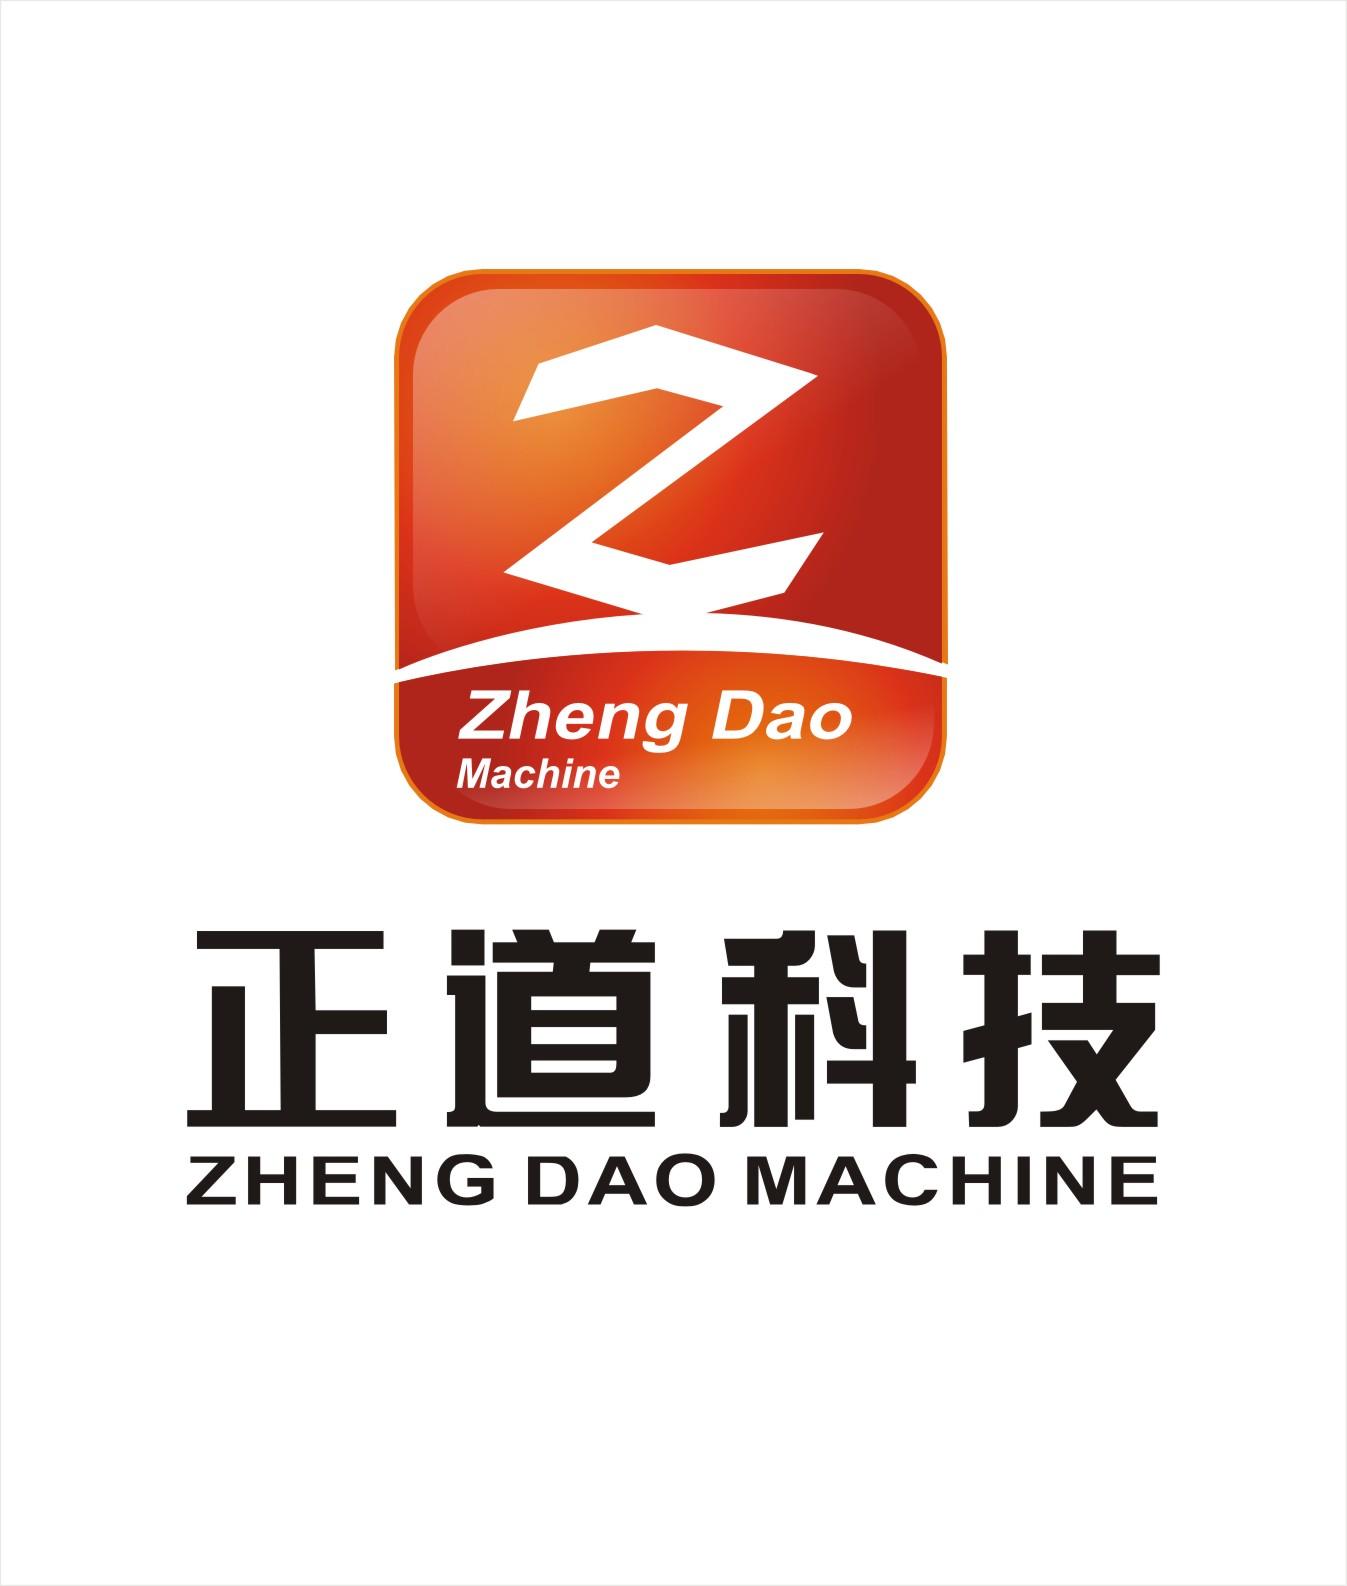 宁波正道机械科技有限公司